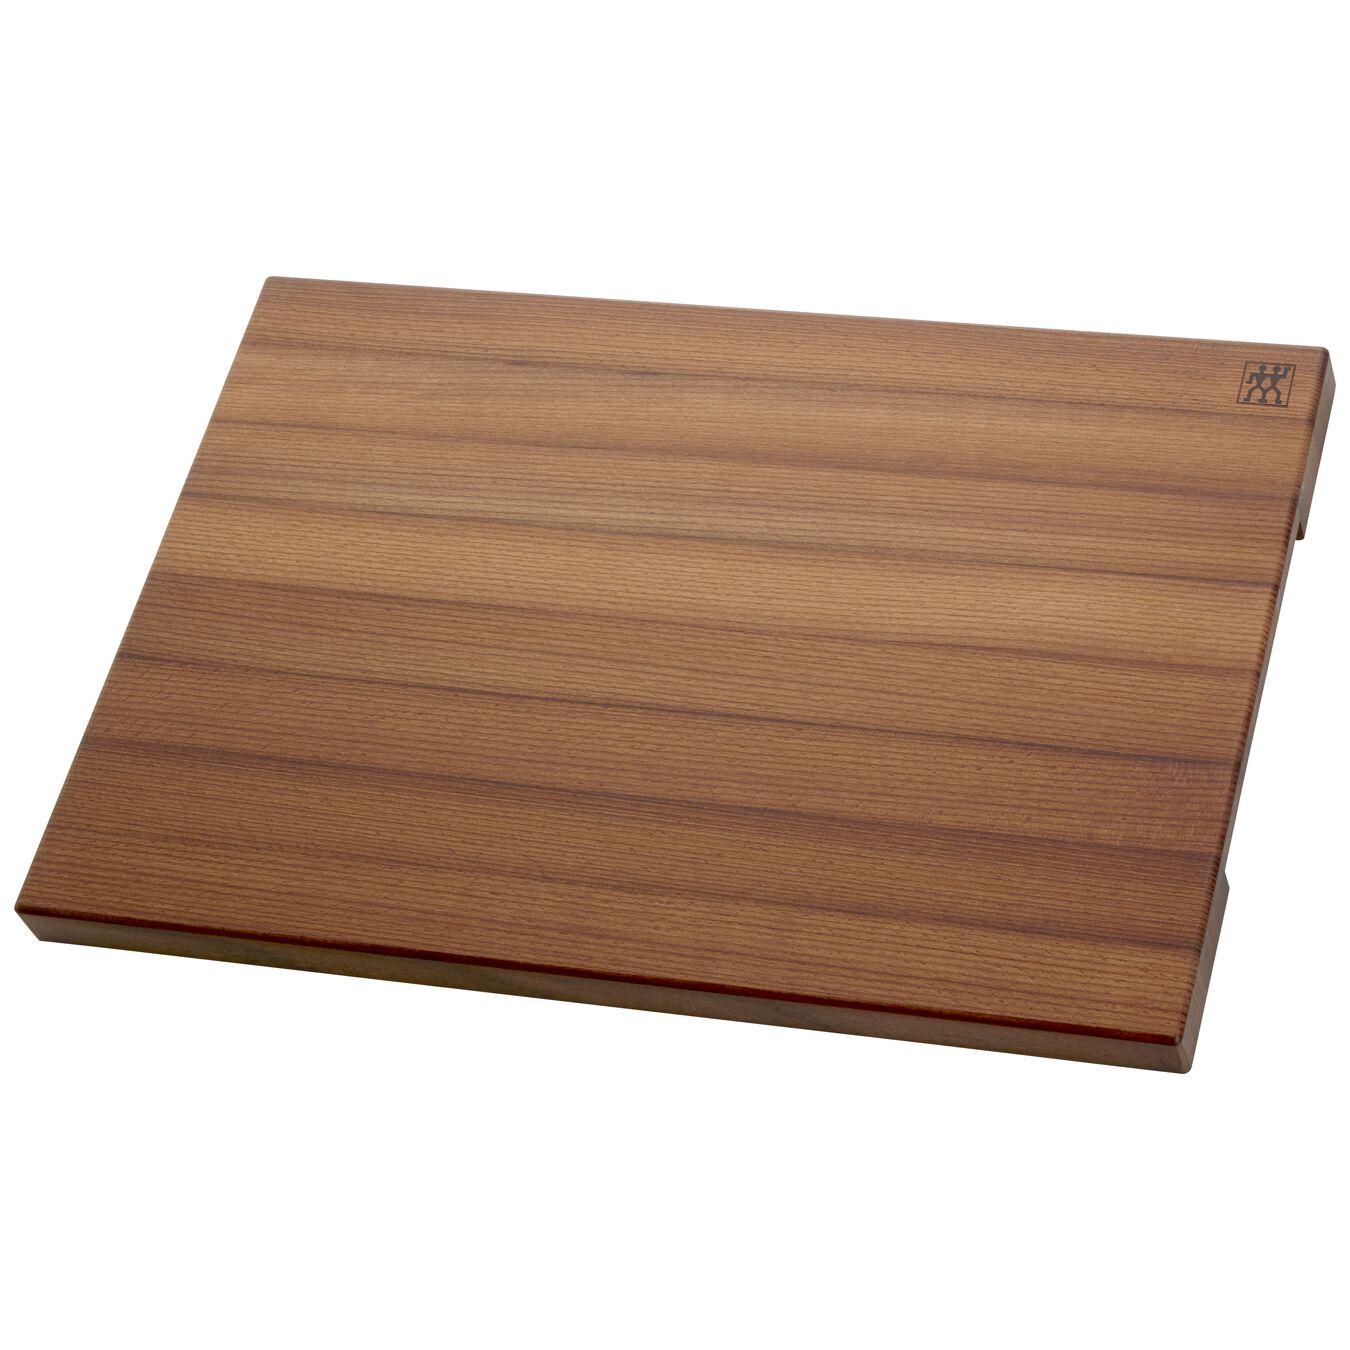 22x16x1.5-inch Thermo Beechwood Cutting Board,,large 1